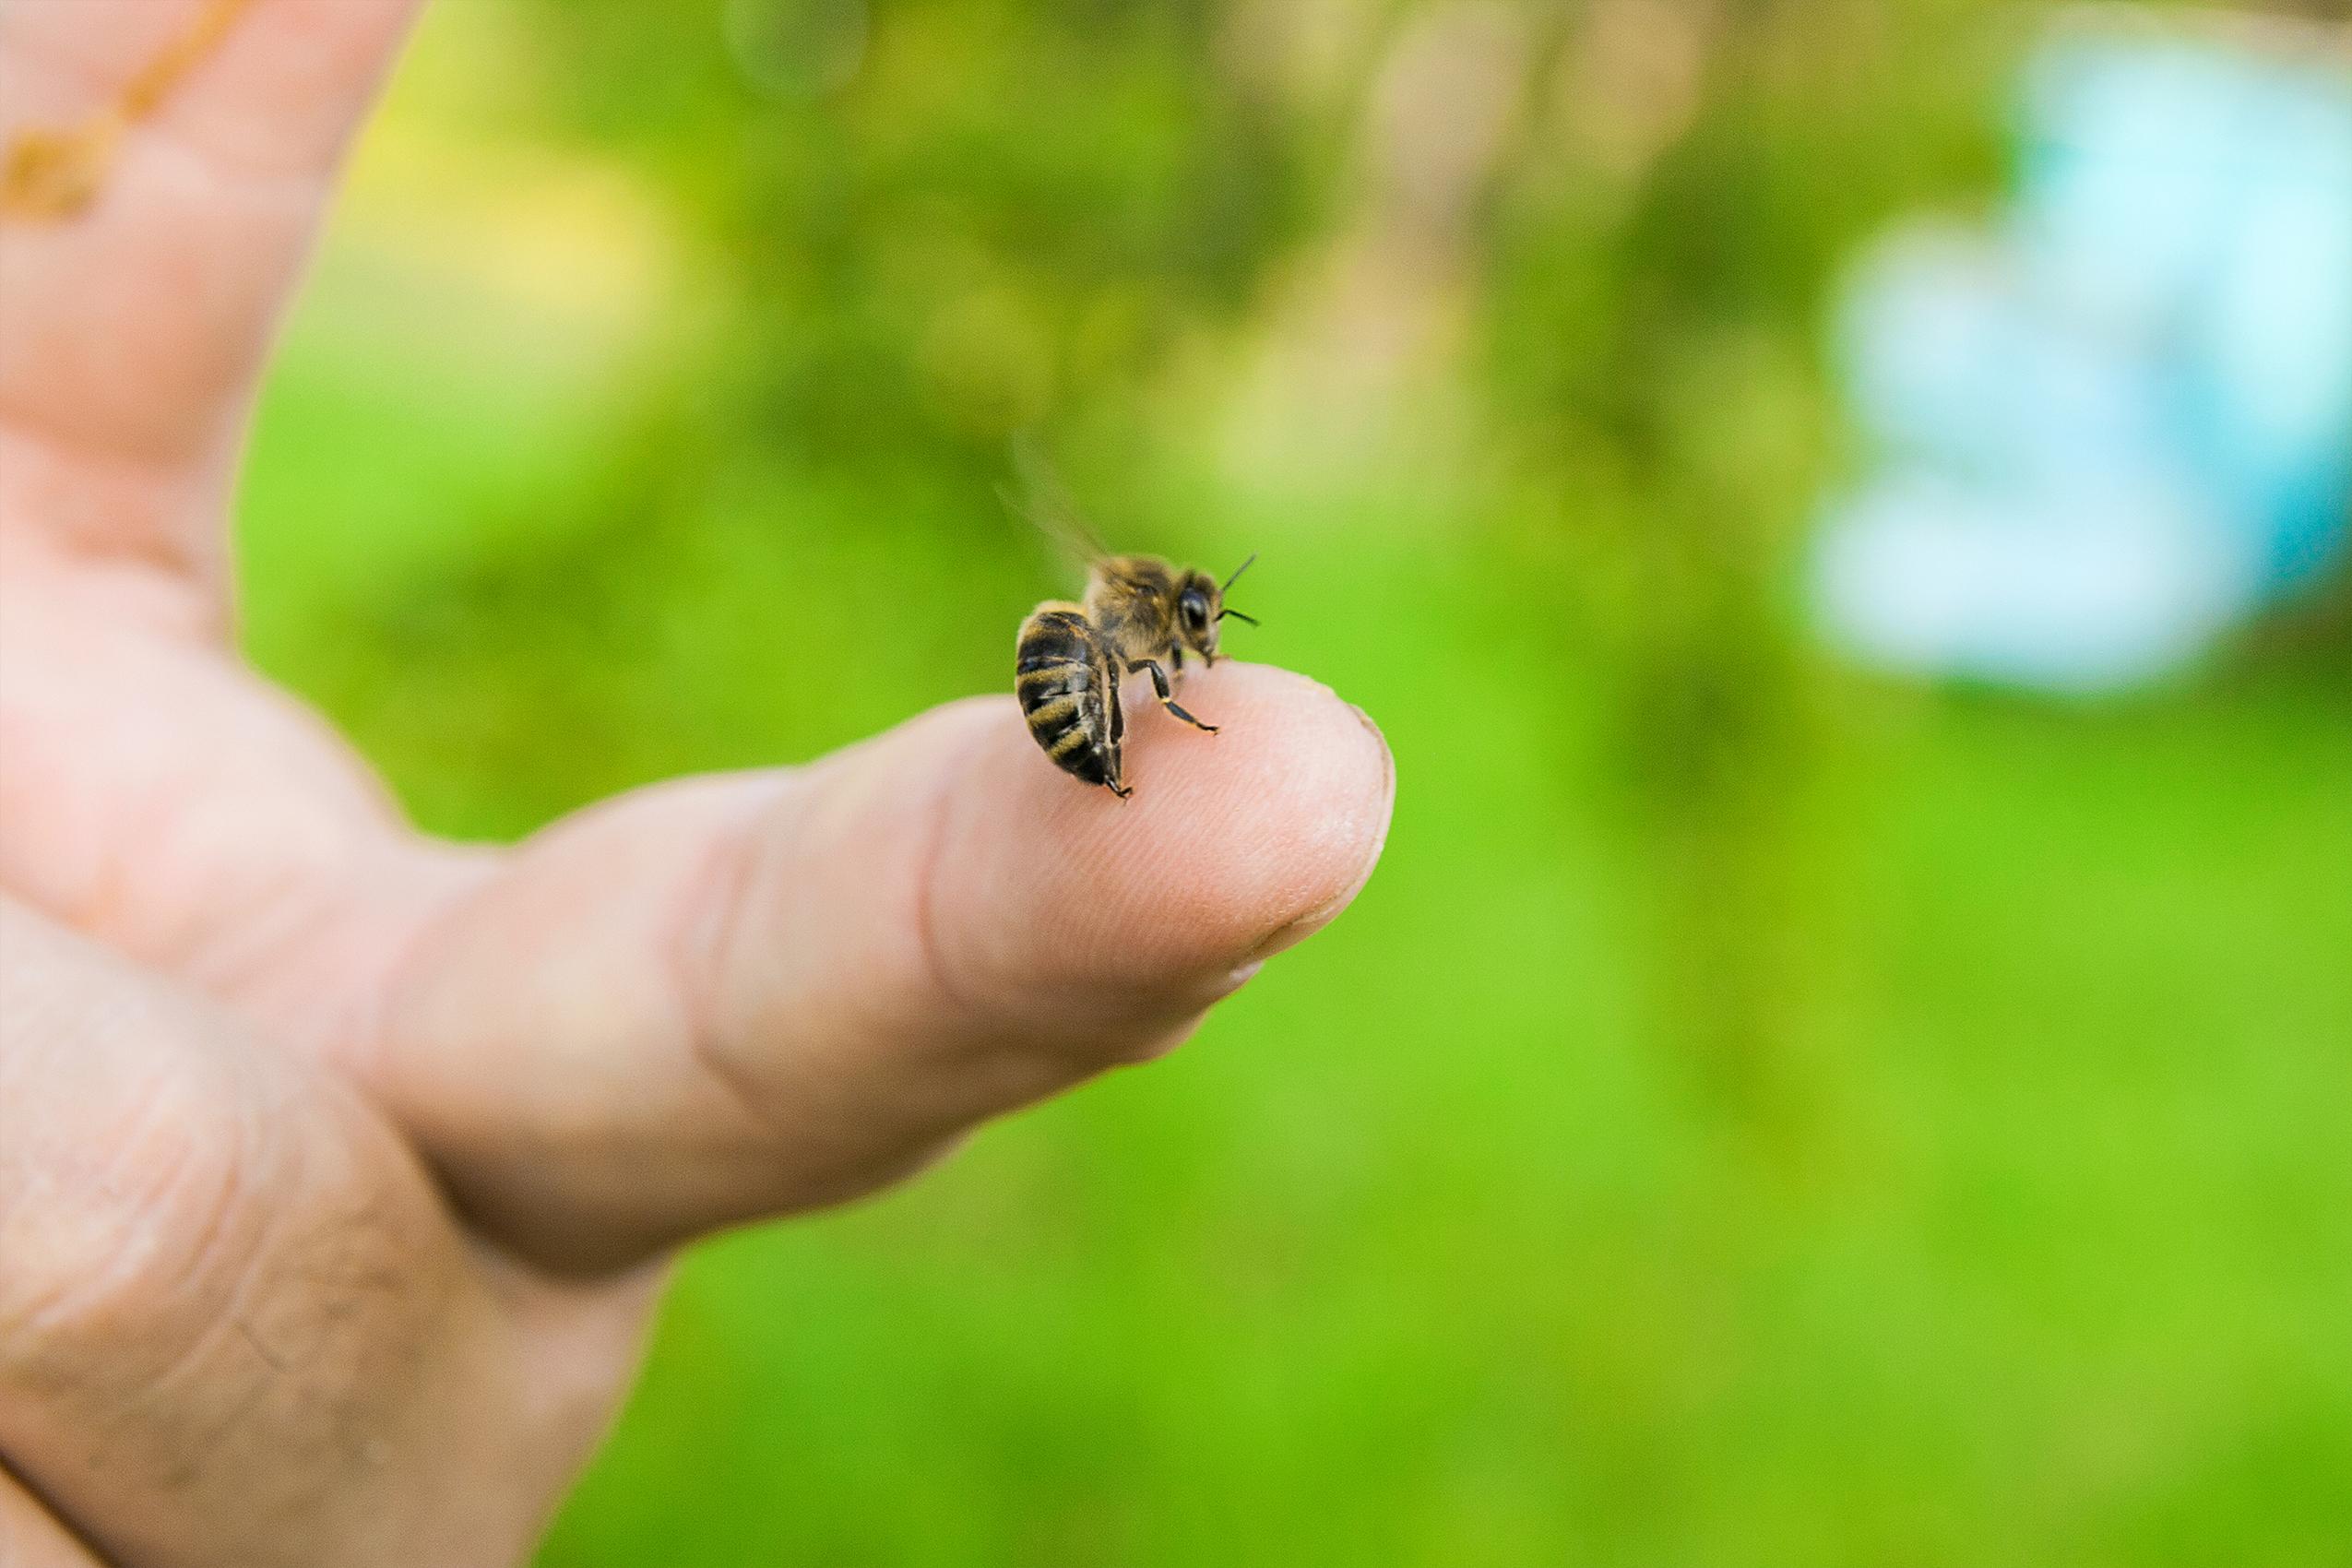 Det är inte alltid helt lätt att förebygga insektsbett men det går åtminstone att göra några åtgärder. Du kan till exempel vara försiktig när du befinner dig nära ett bi- eller getingbo.